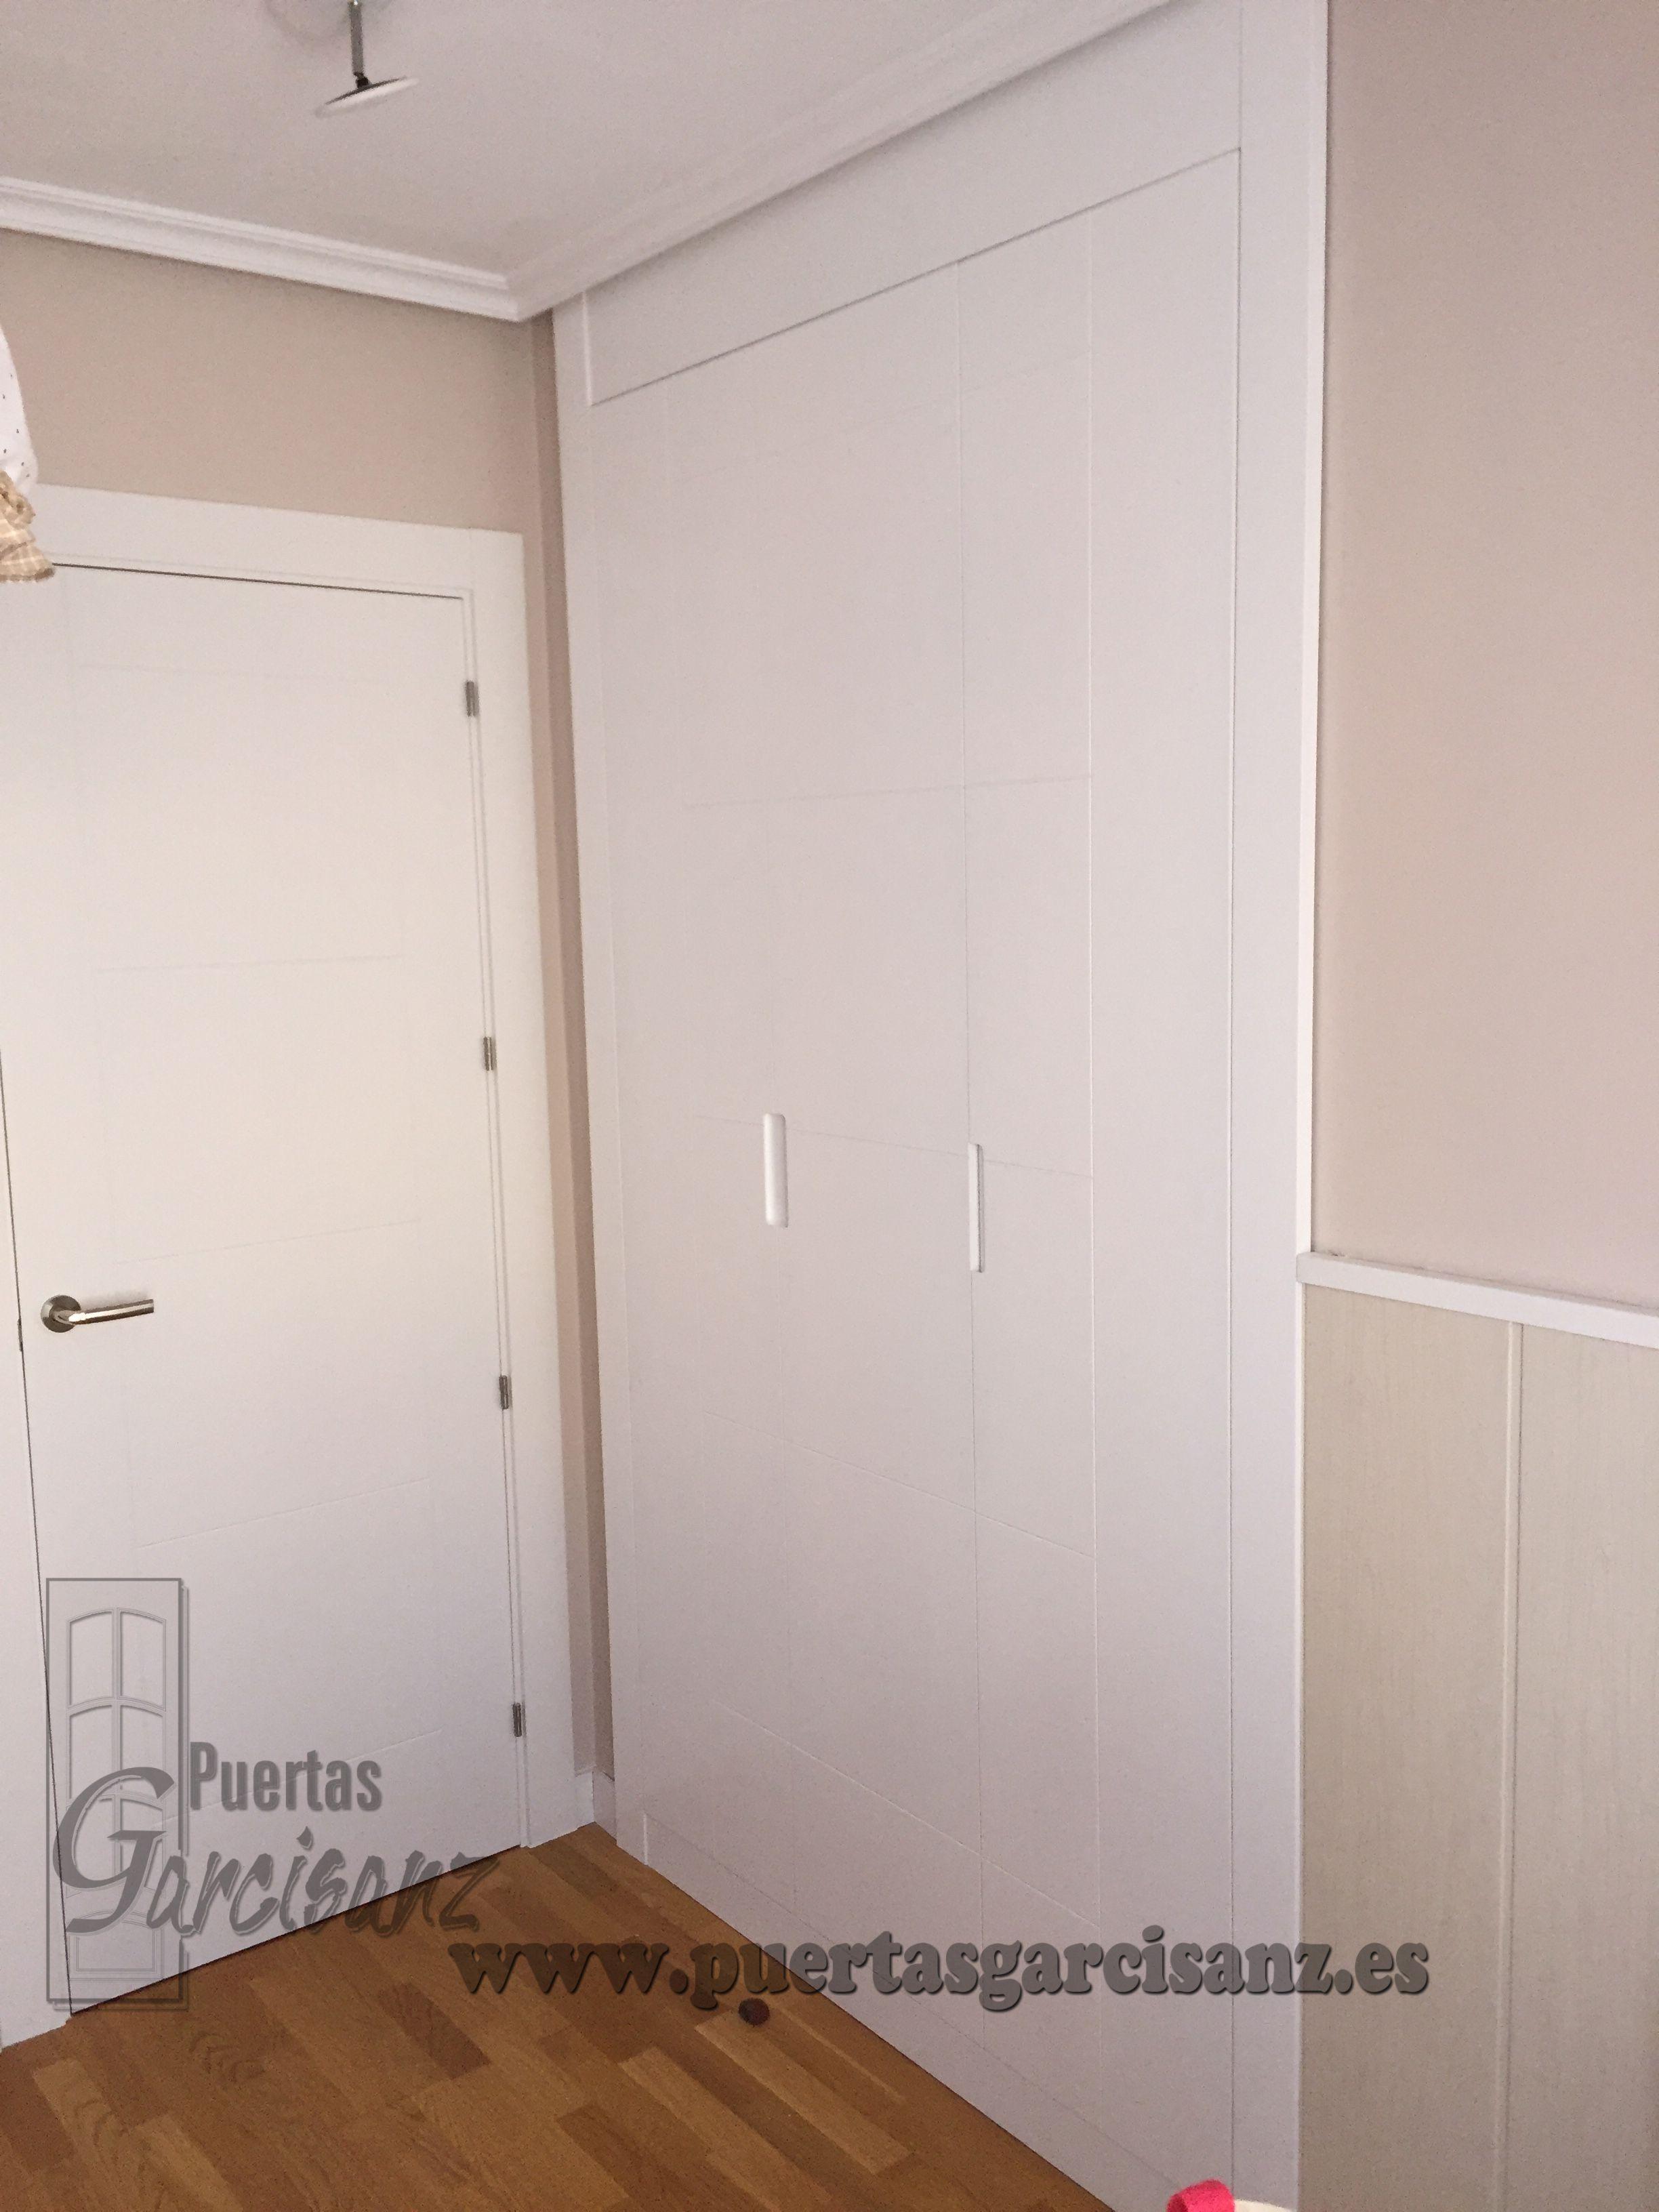 Frente de armario lacado en blanco de 3 puertas abatibles - Pomos puertas armarios ...